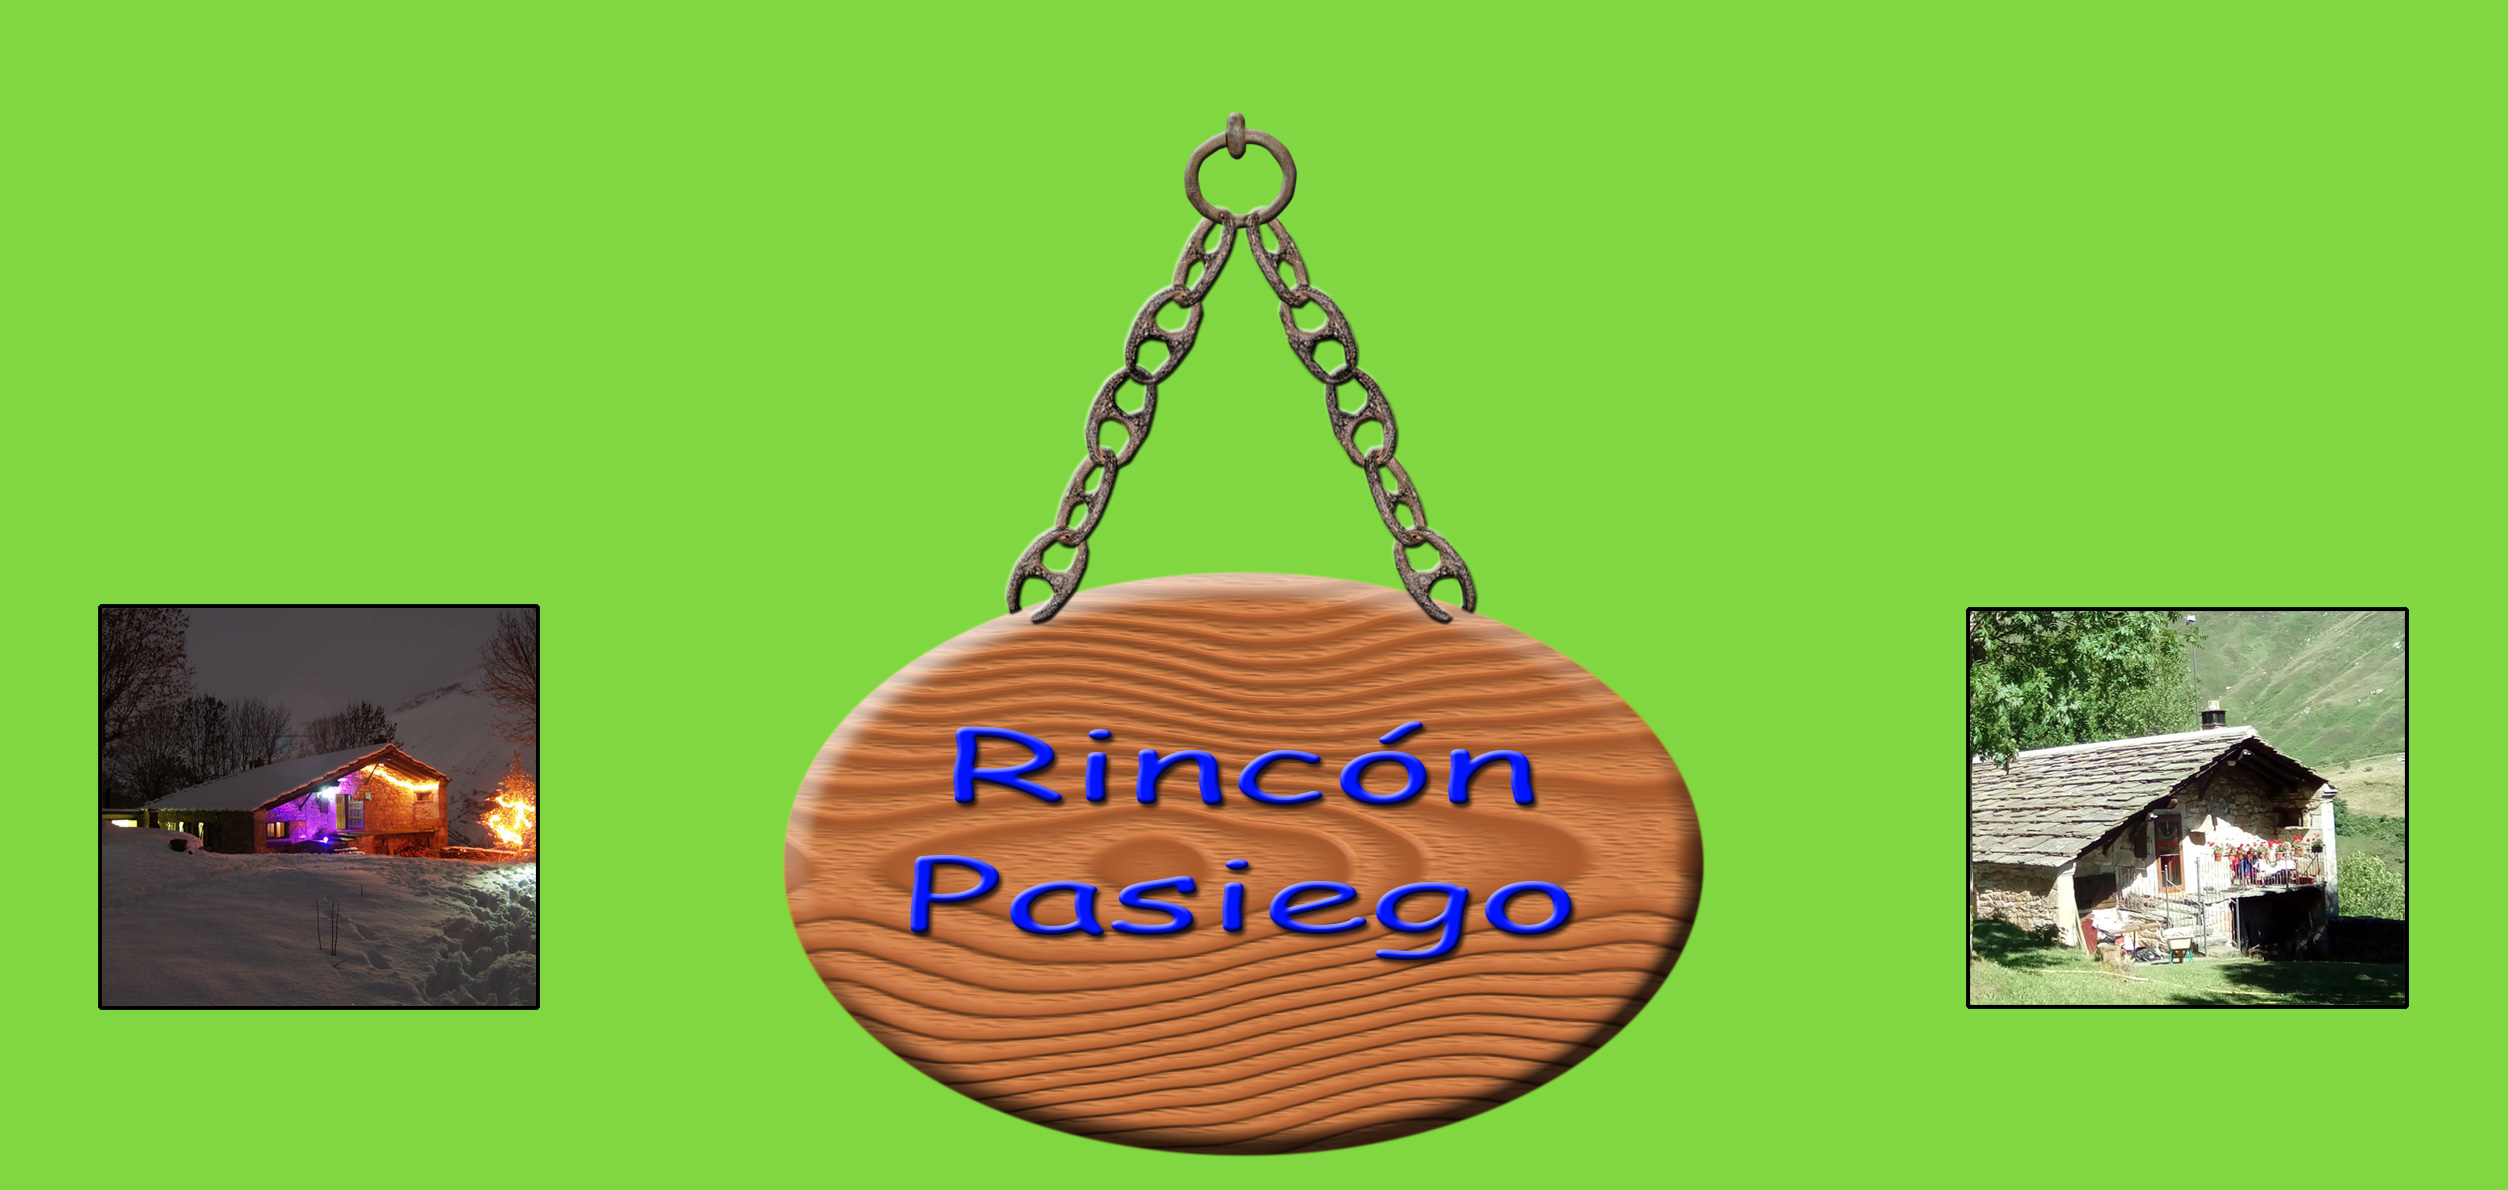 Rincon Pasiego